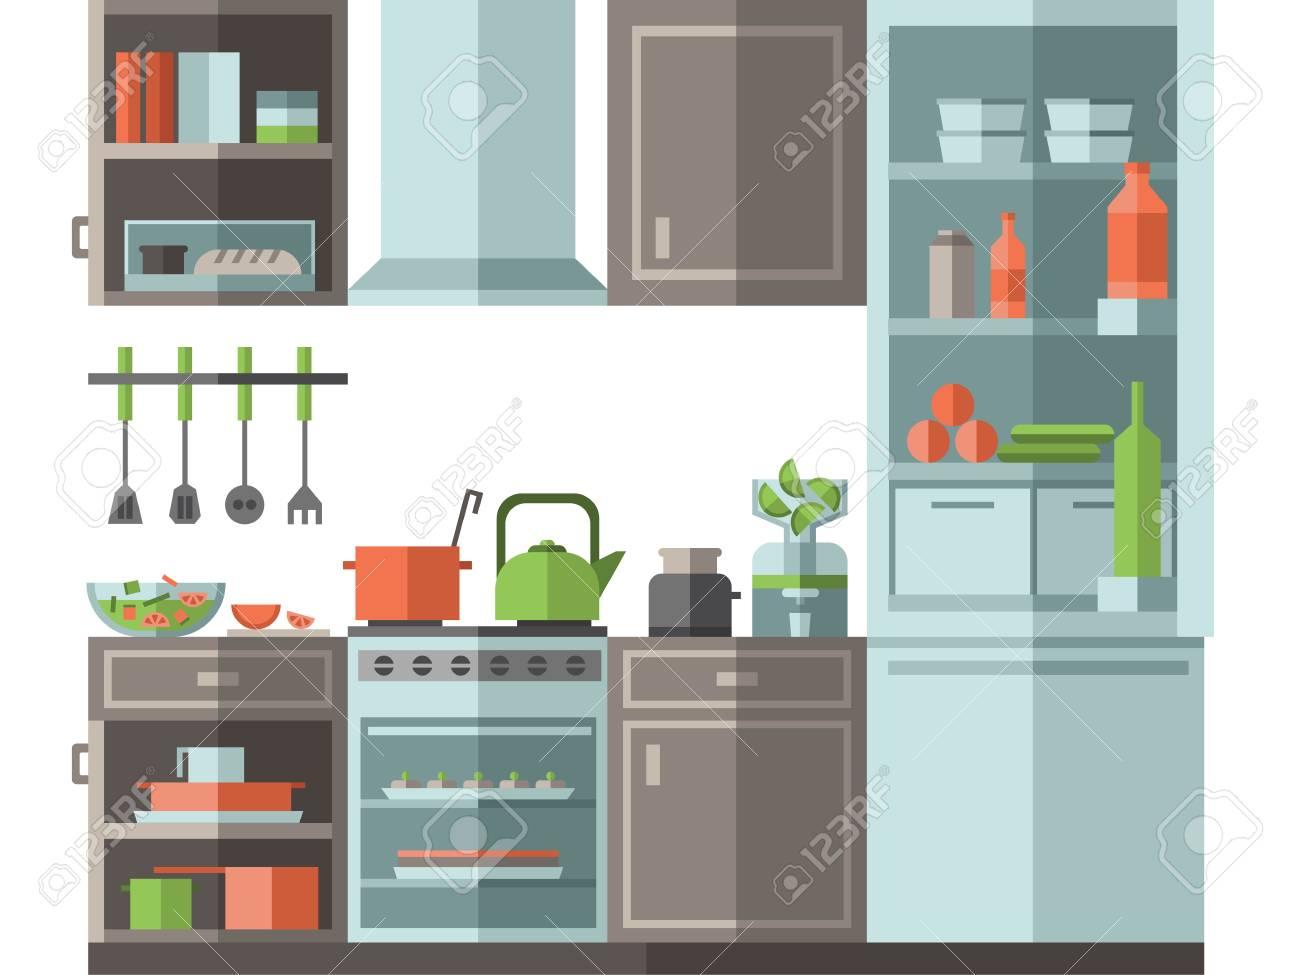 Cucina con mobili, utensili da cucina ed elettrodomestici. Illustrazione  vettoriale stile piatto su sfondo bianco.